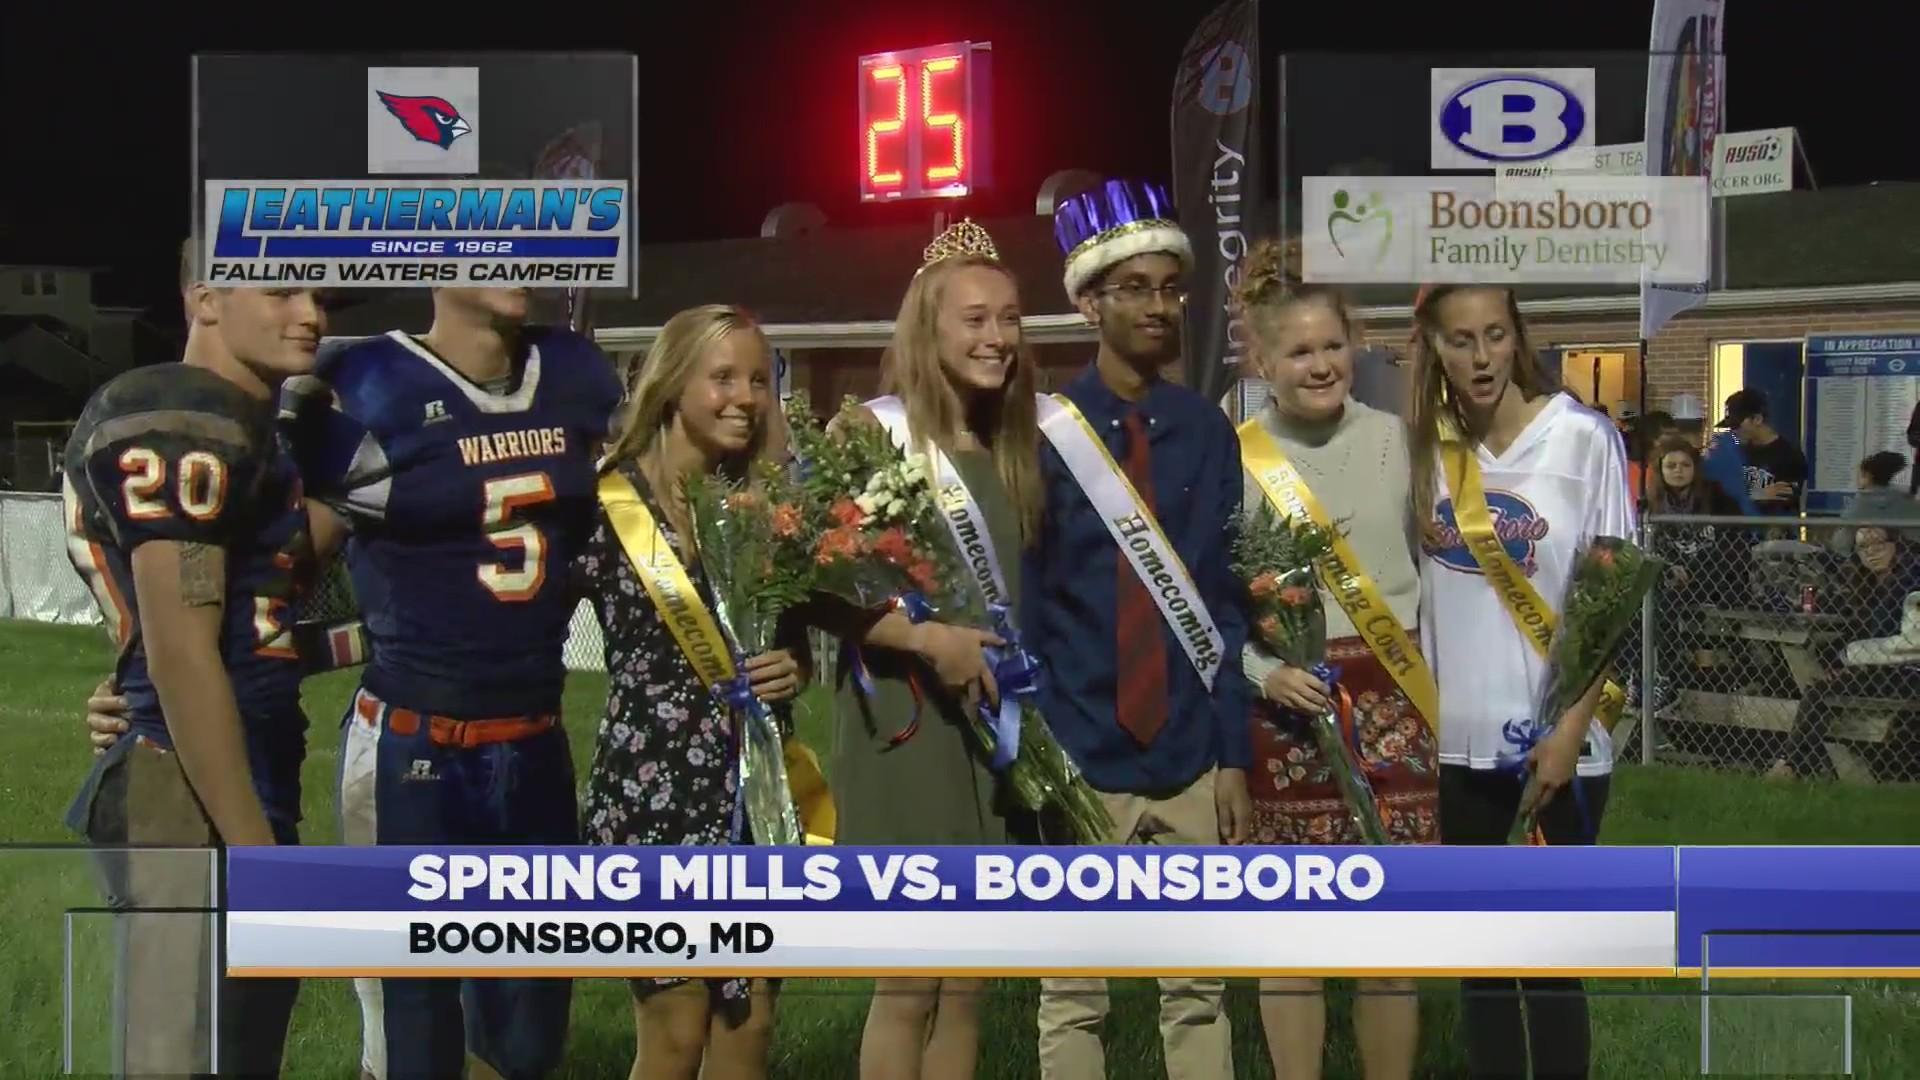 Spring_Mills_vs_Boonsboro_0_20180929035137